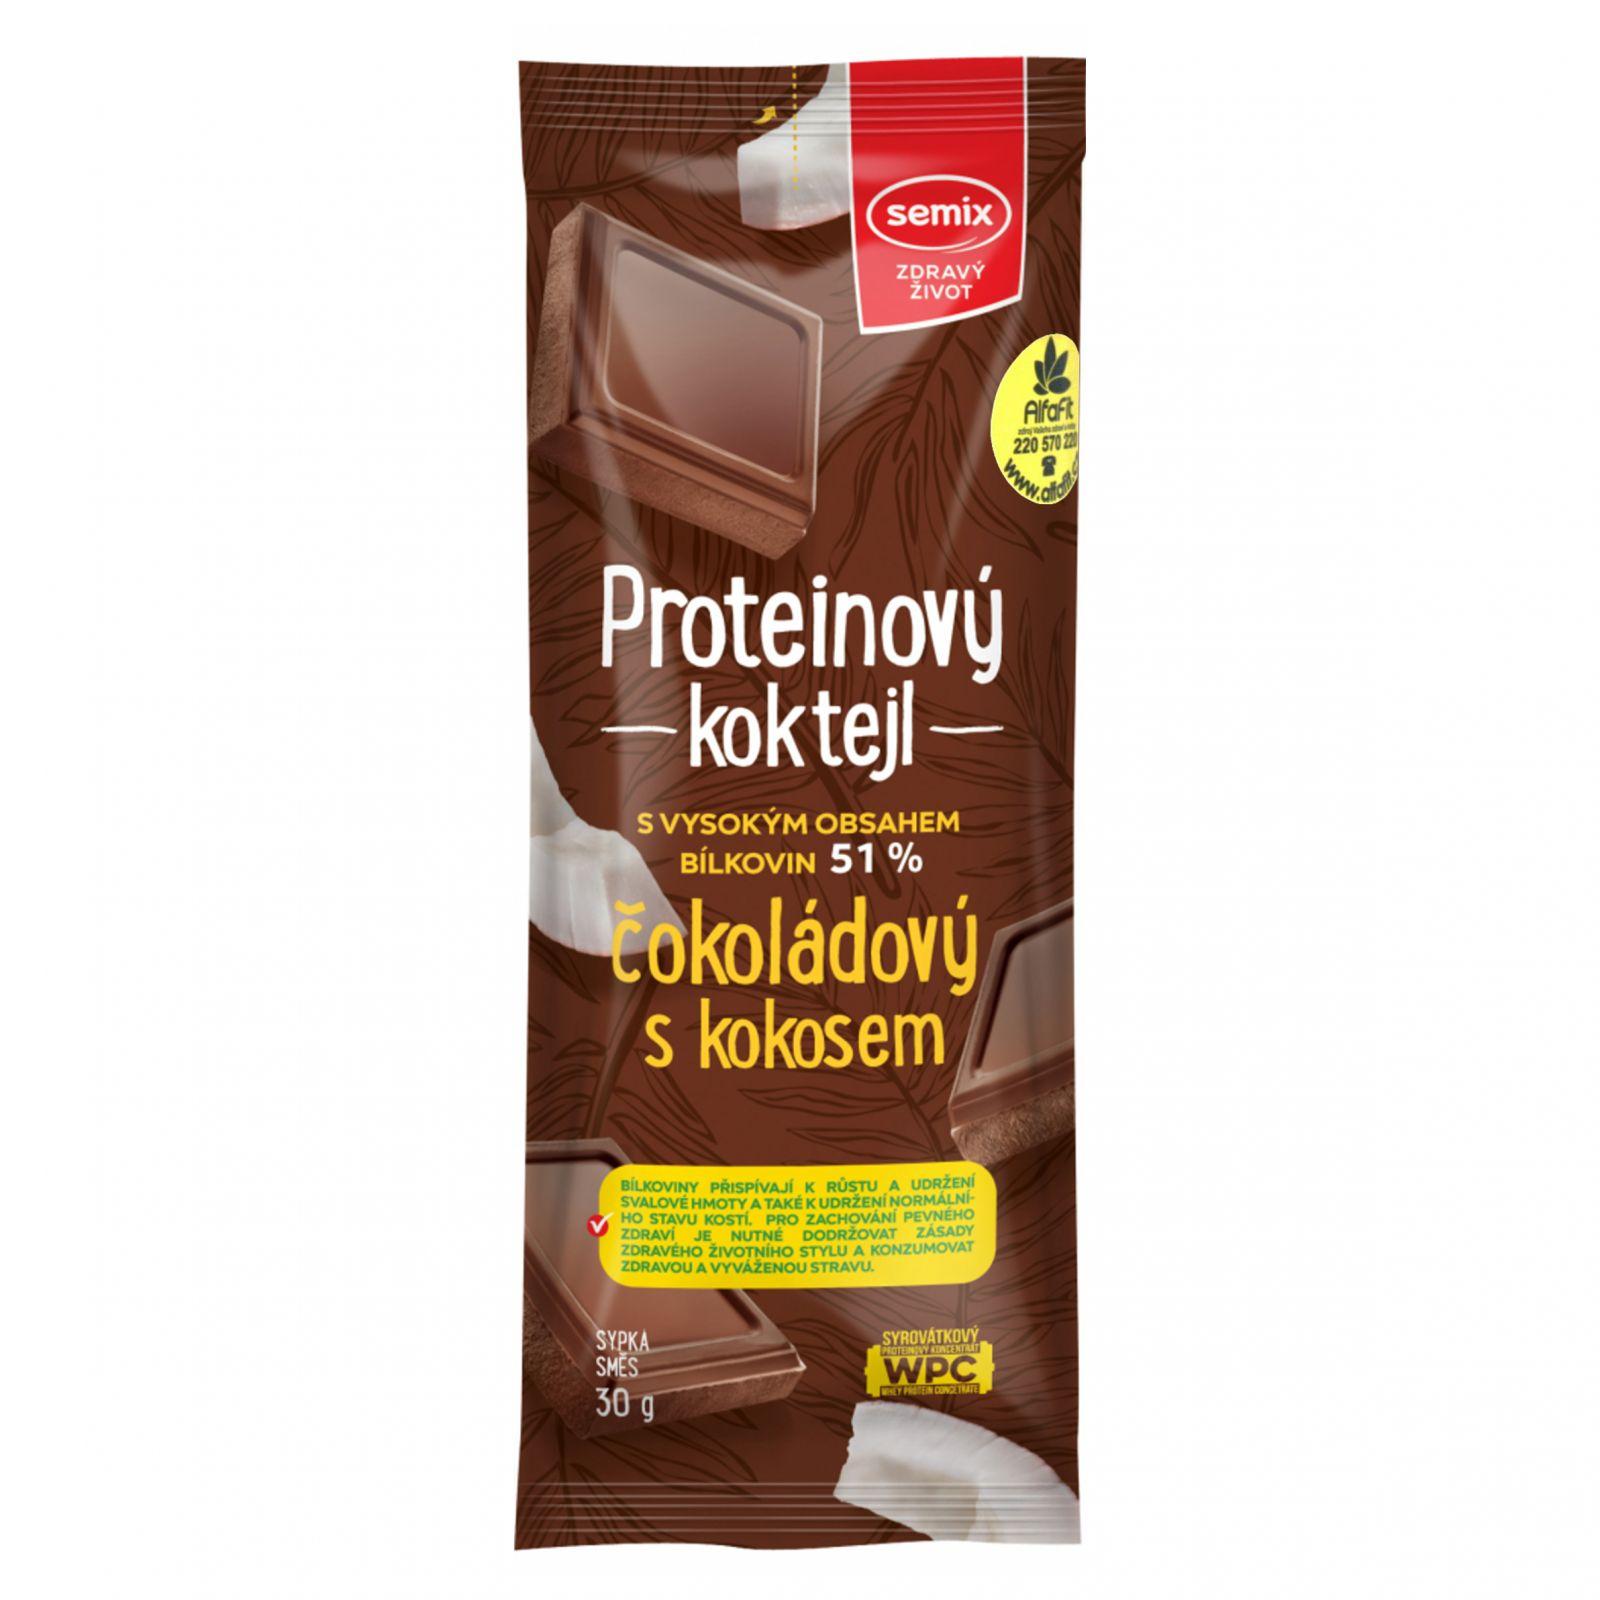 Semix Proteinový koktejl čokoládový s kokosem 30 g